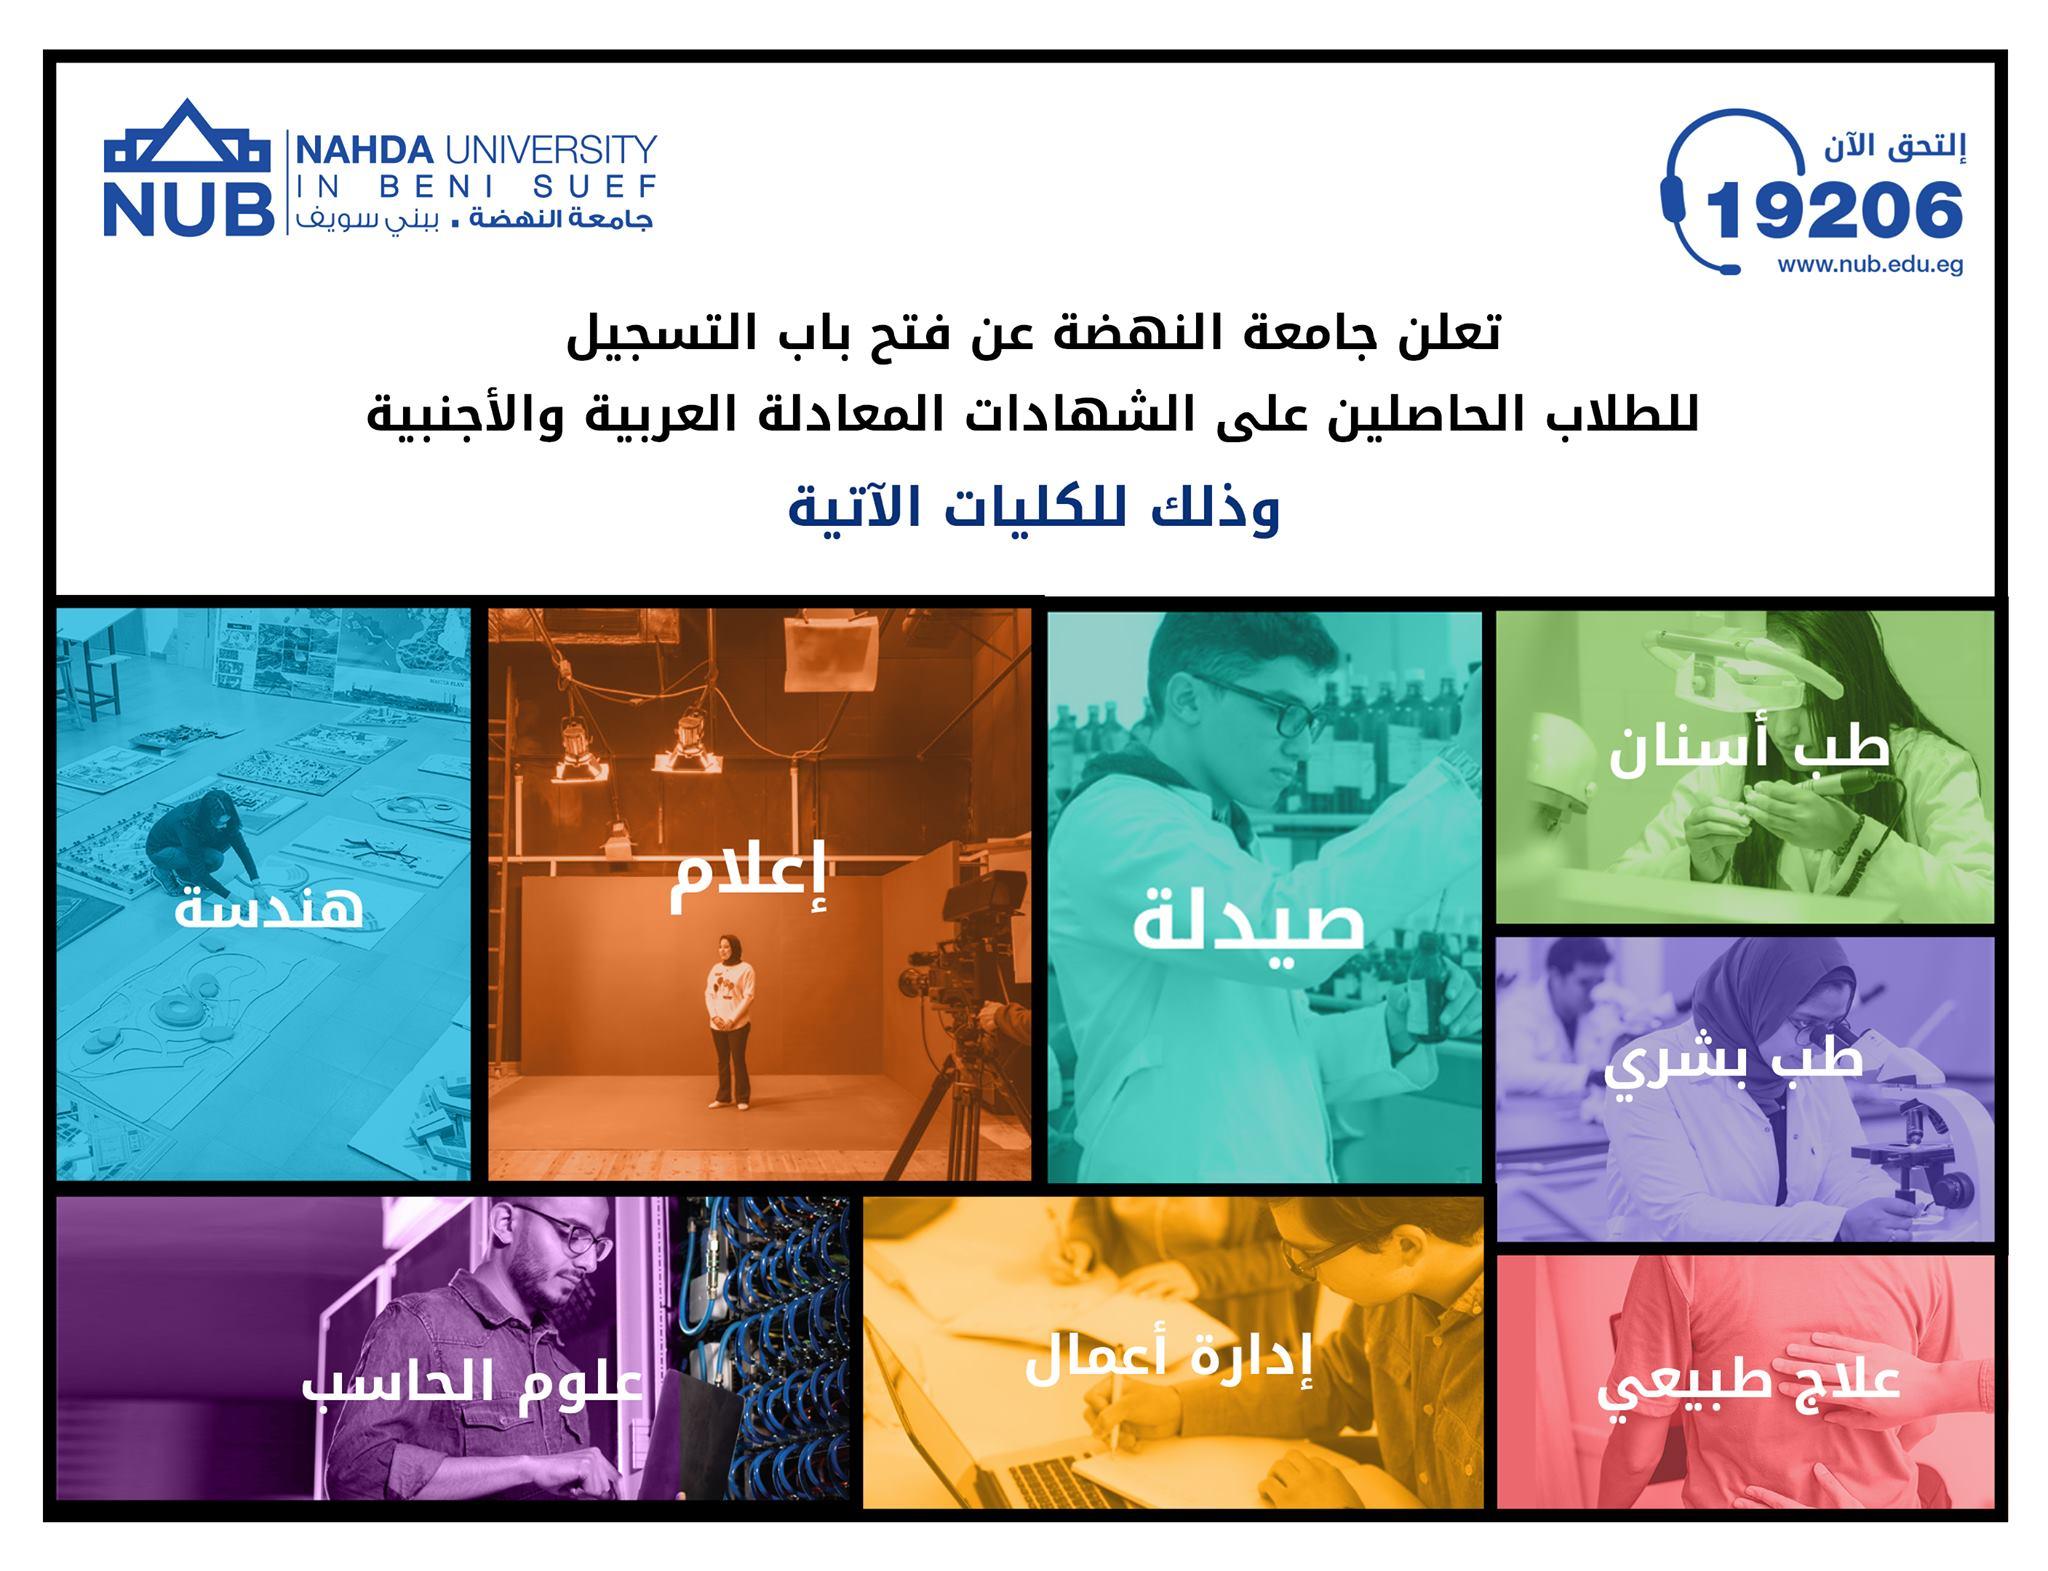 كليات جامعة النهضة في تنسيق الثانوية العامة 2021